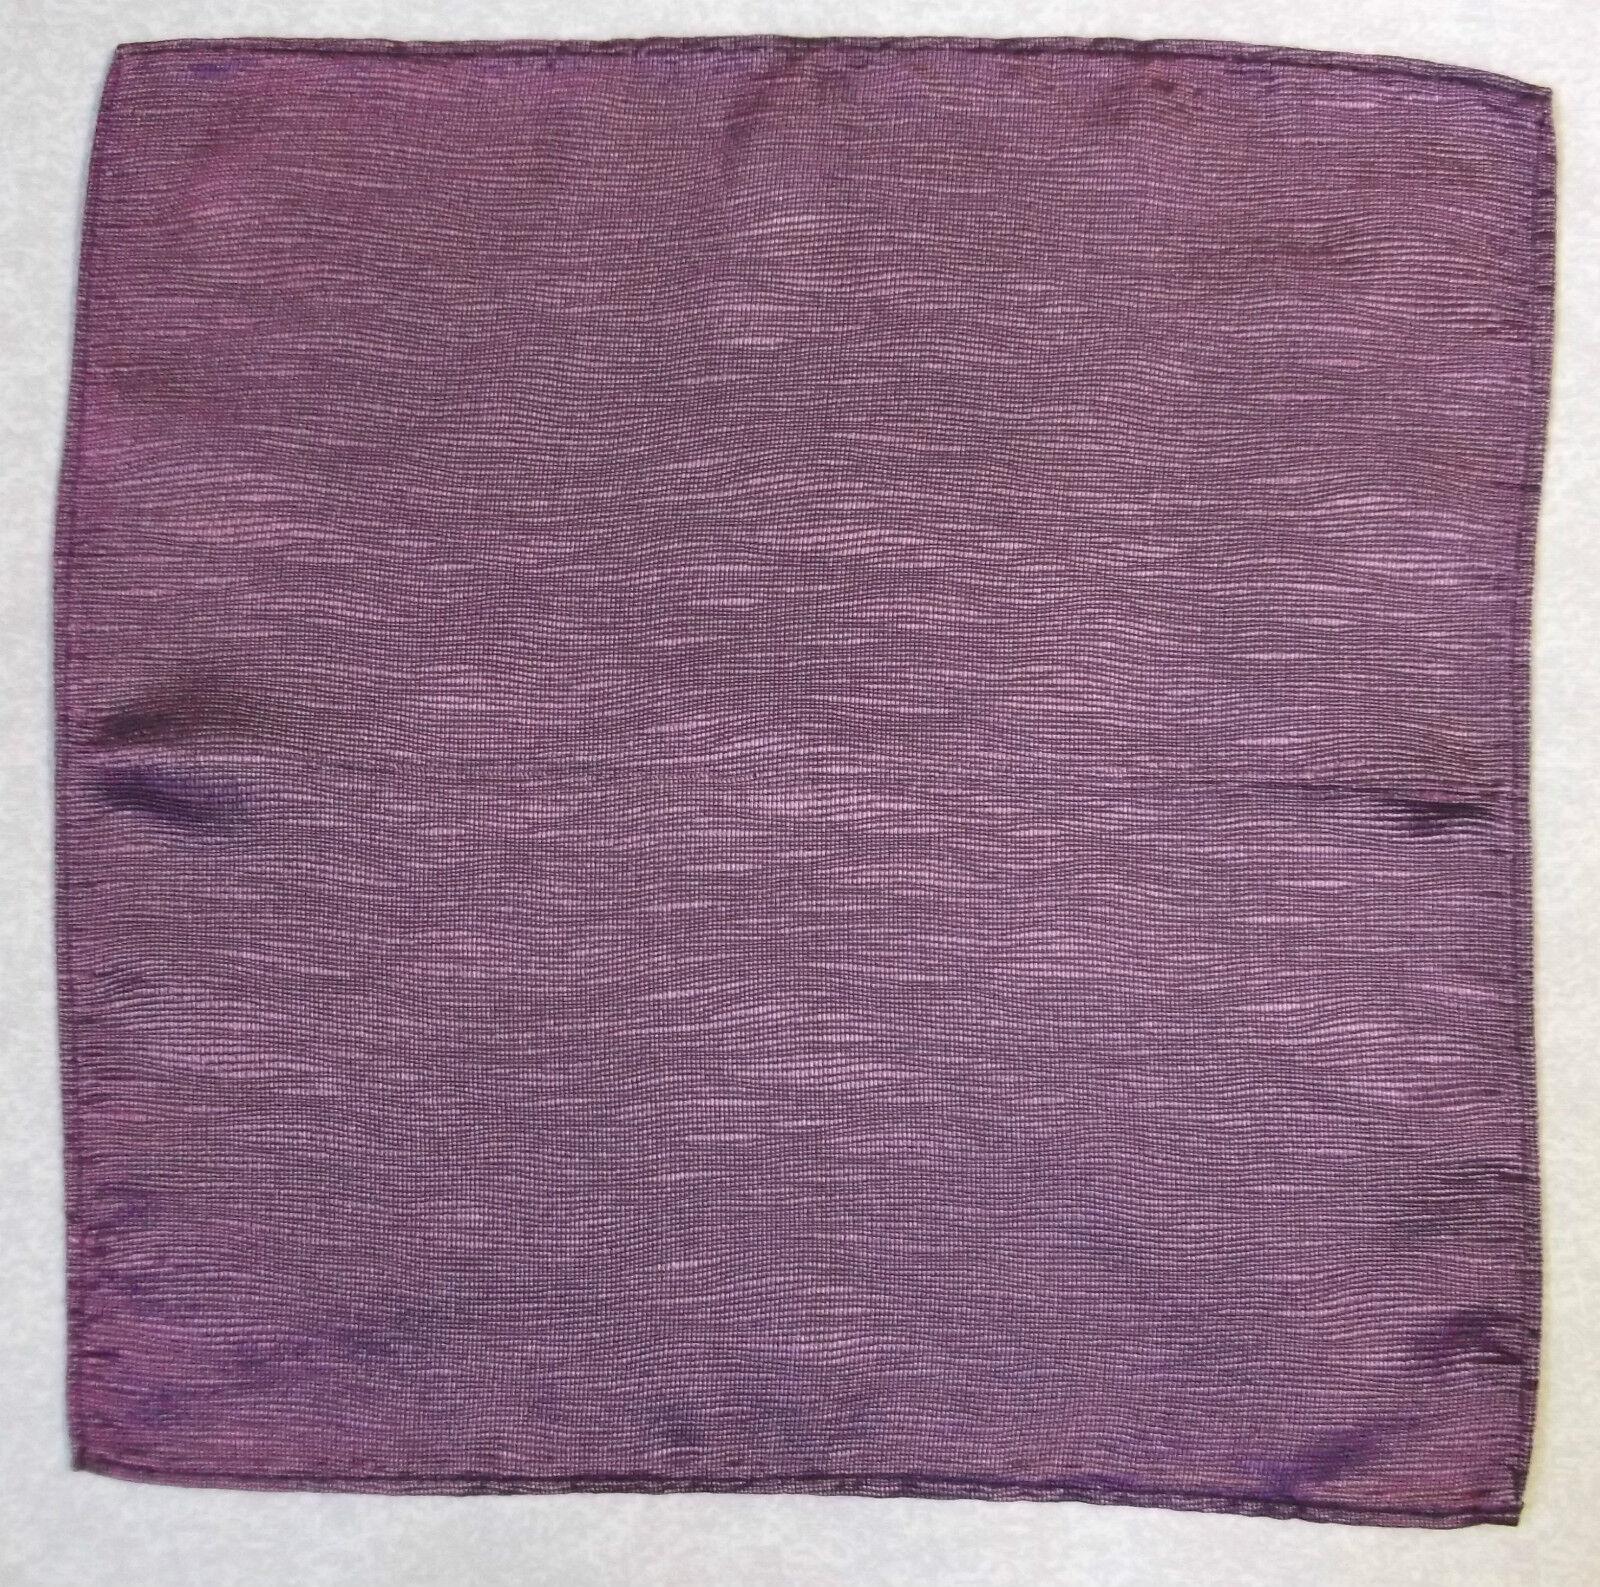 Handkerchief MENS Hankie Top Pocket Square Wedding Fashion Party PLUM PURPLE